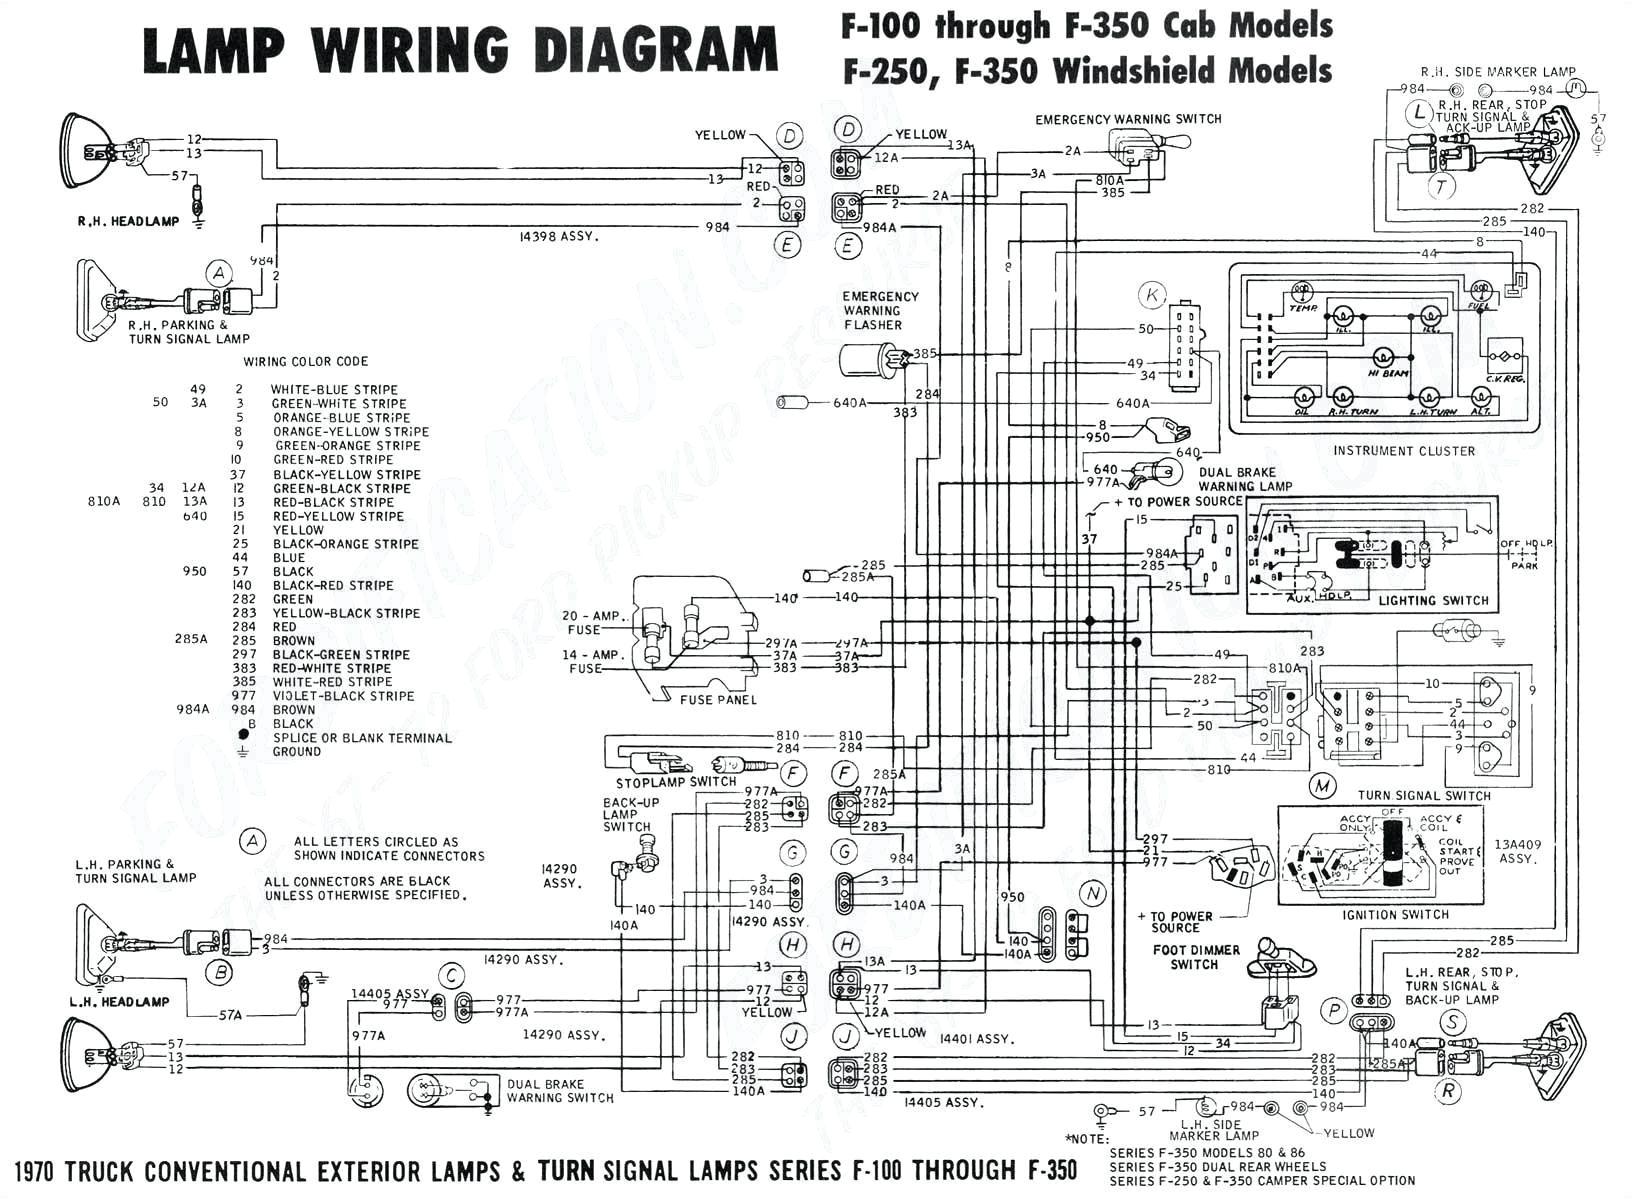 trailer light wiring diagram 4 wire wiring diagram for fesler led tail light wiring diagram imp of trailer light wiring diagram 4 wire jpg